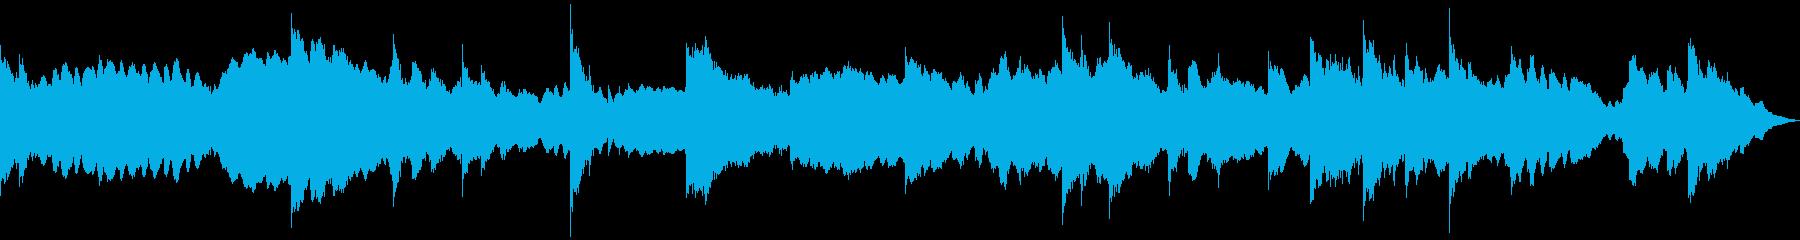 ミステリー、ホラー、BGM の再生済みの波形